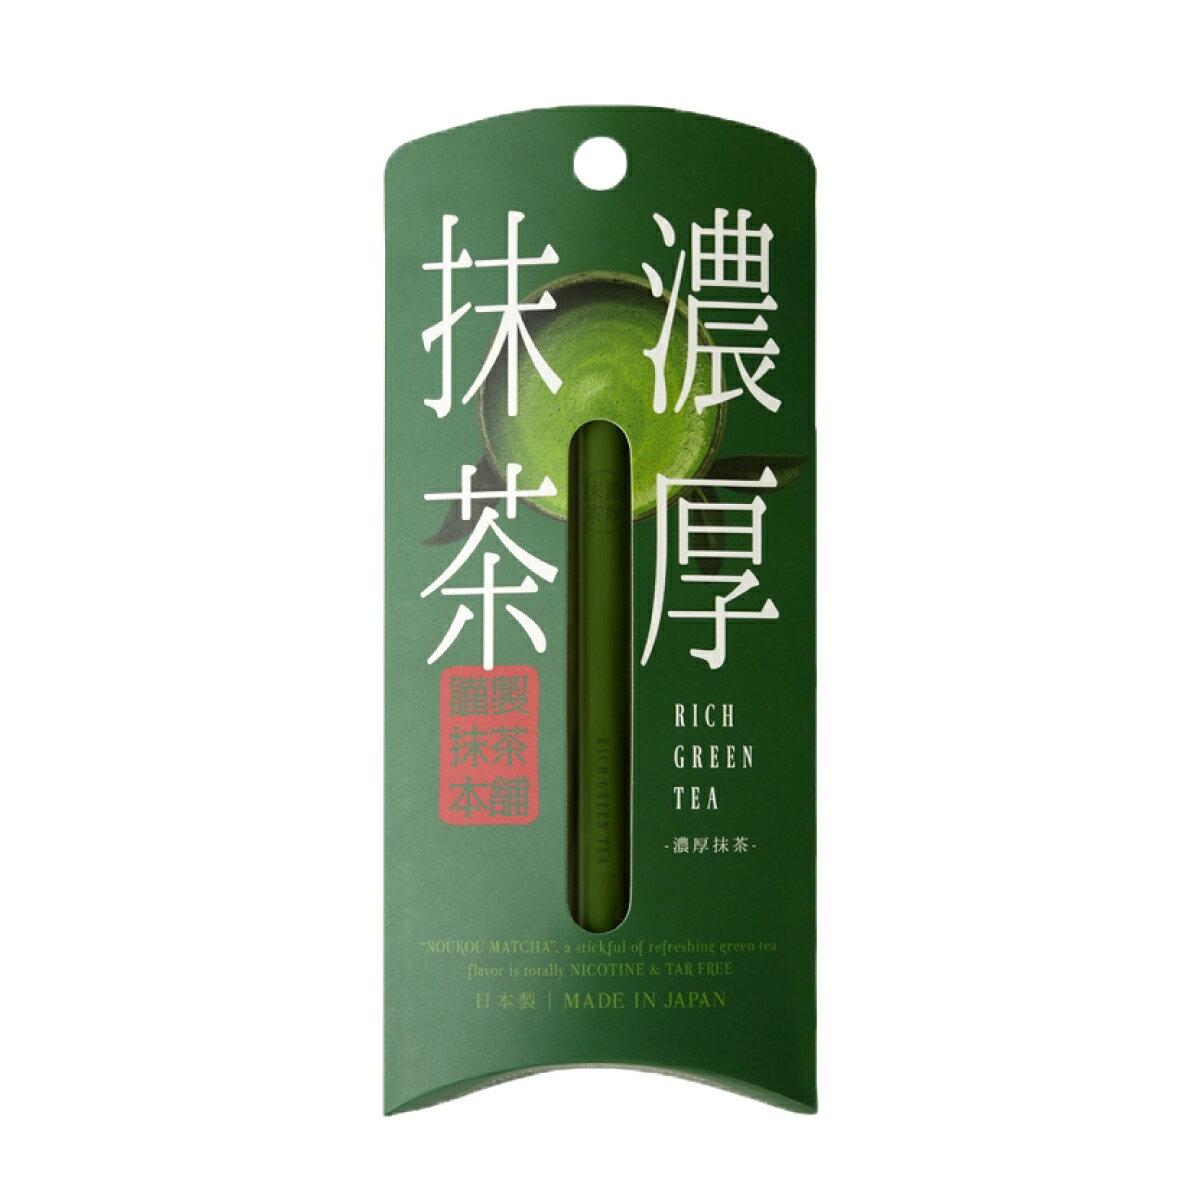 抹茶本舗 抹茶 フレーバー 濃厚抹茶 電子タバコ ギフト プレゼント 日本土産 和 なごみ 癒し